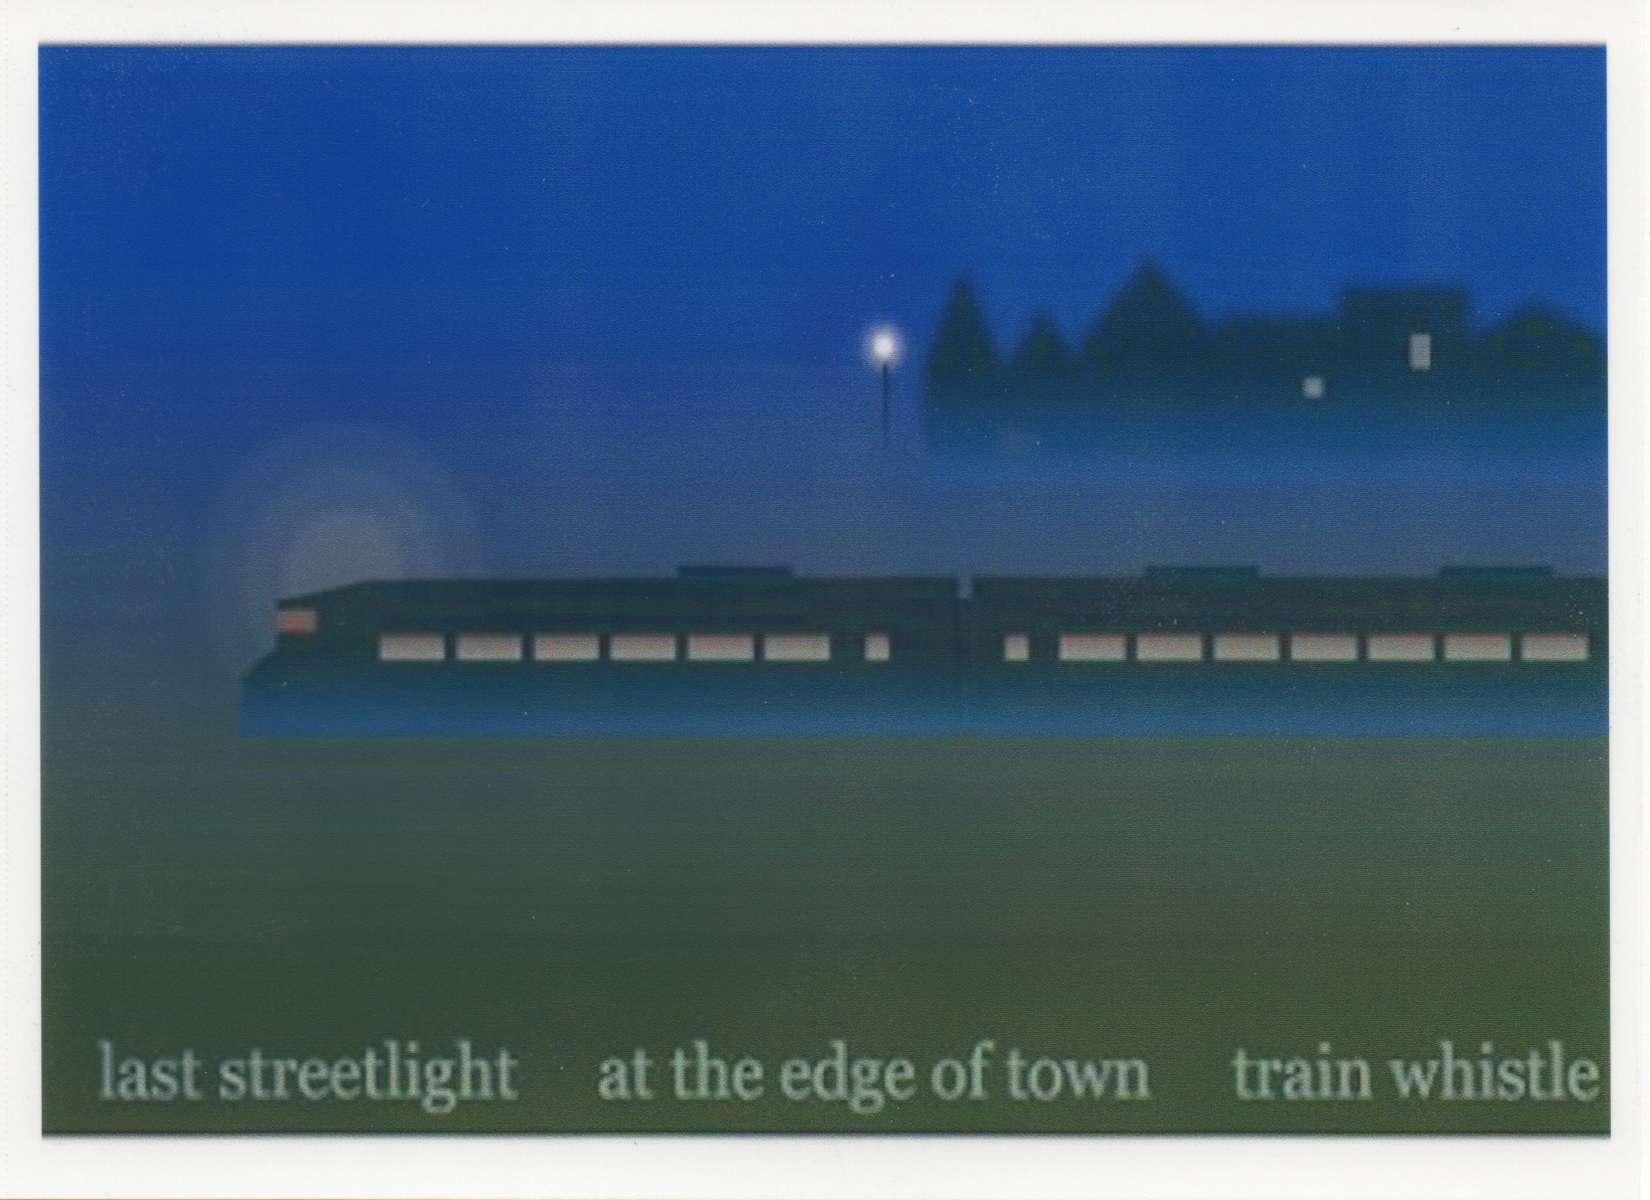 last streetlight 2